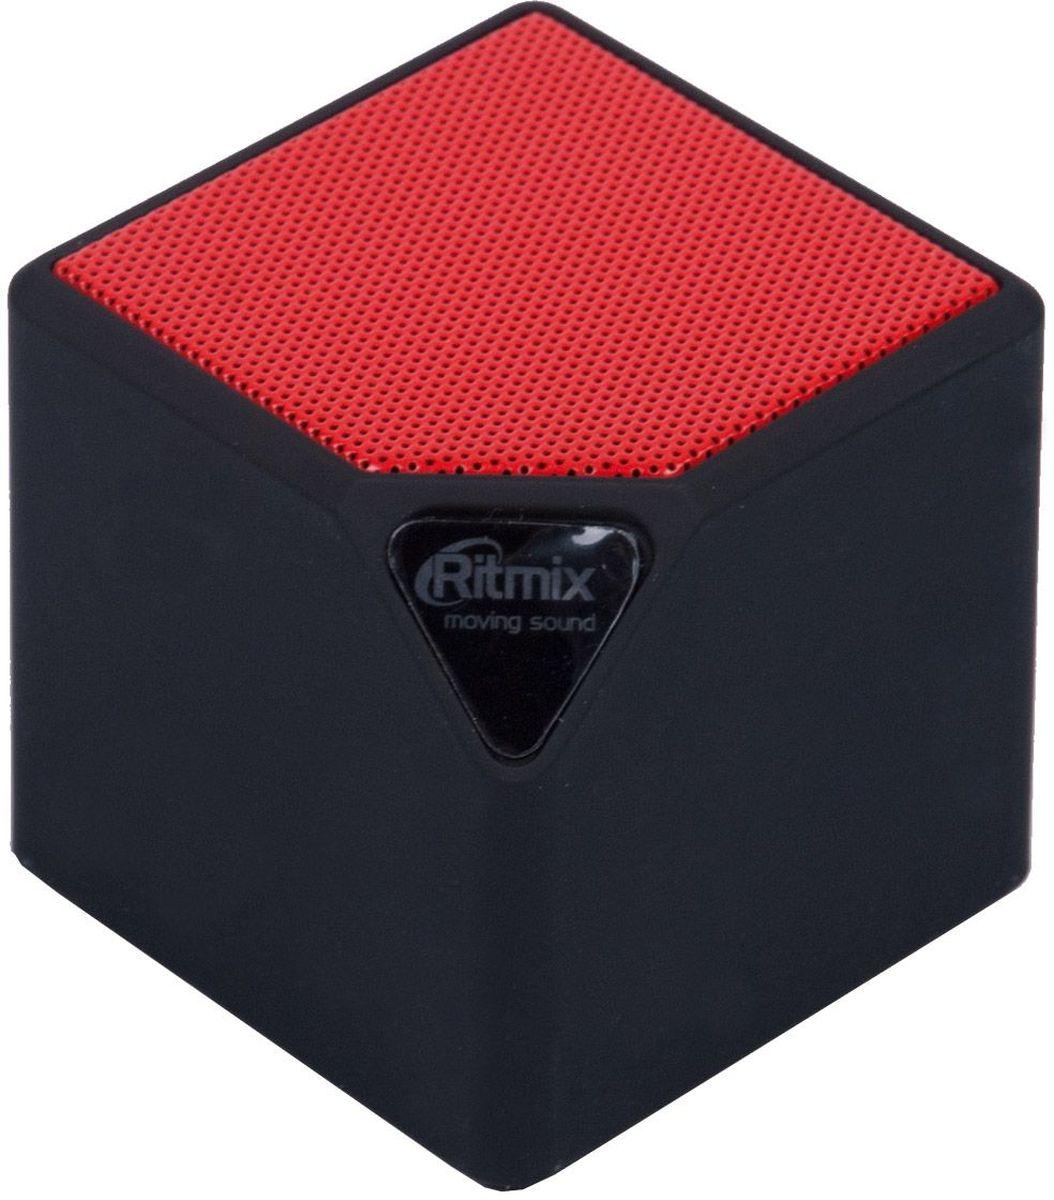 Ritmix SP-140B, Black Red портативная акустическая система